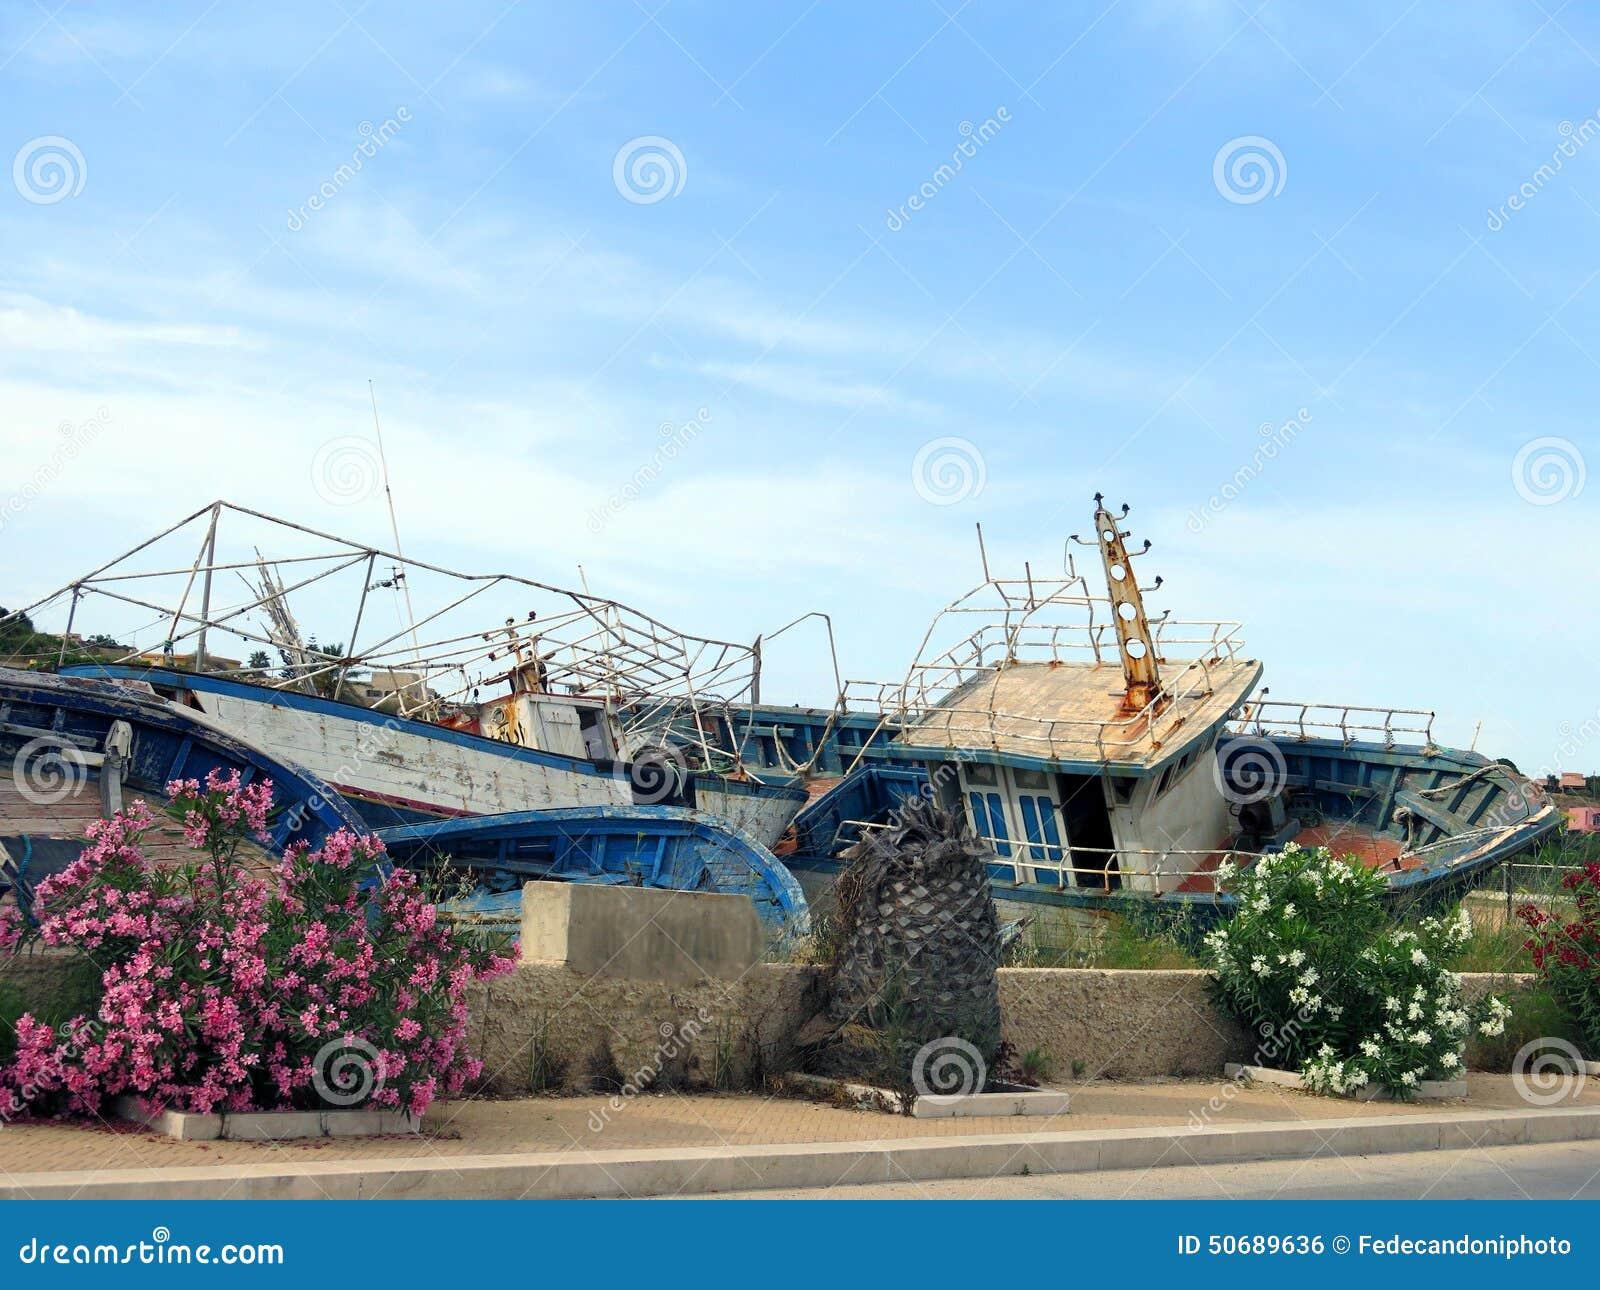 Download 在难民的登陆的以后残破的古老海难 库存照片. 图片 包括有 破擦声, 秘密, 意大利语, 海难, 破坏, 报废 - 50689636